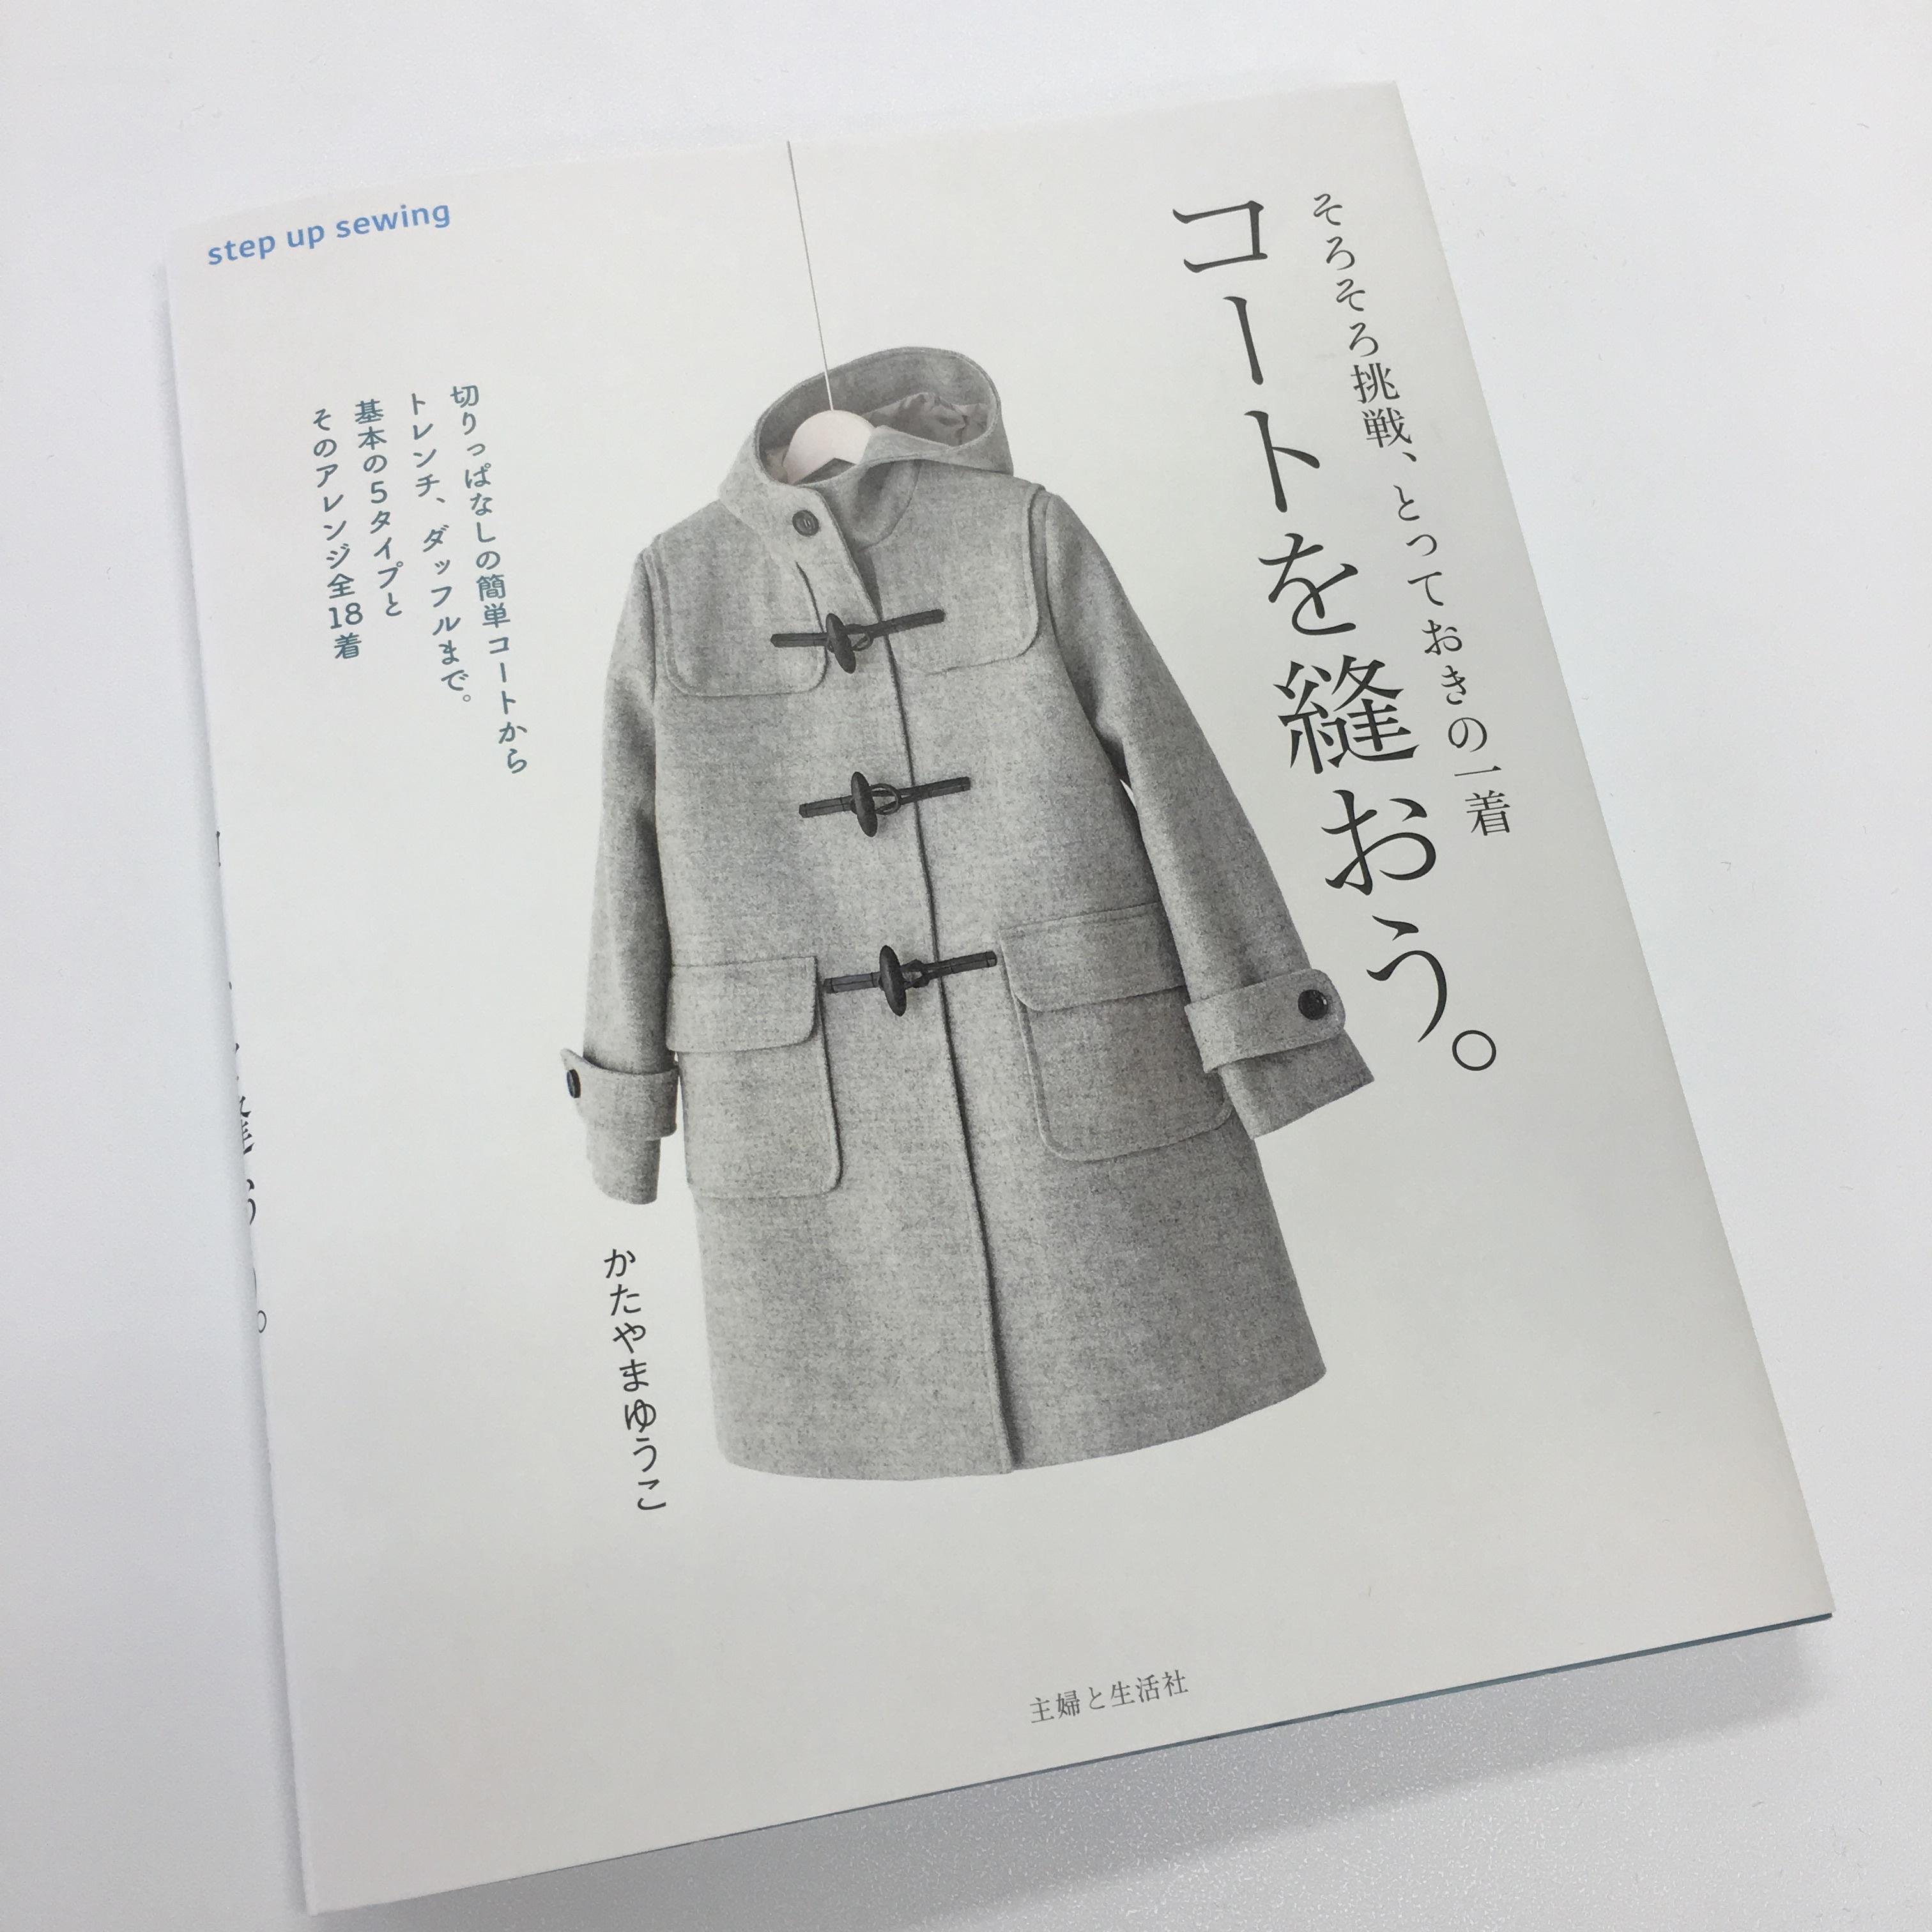 コートを縫おう。 B-1の型紙